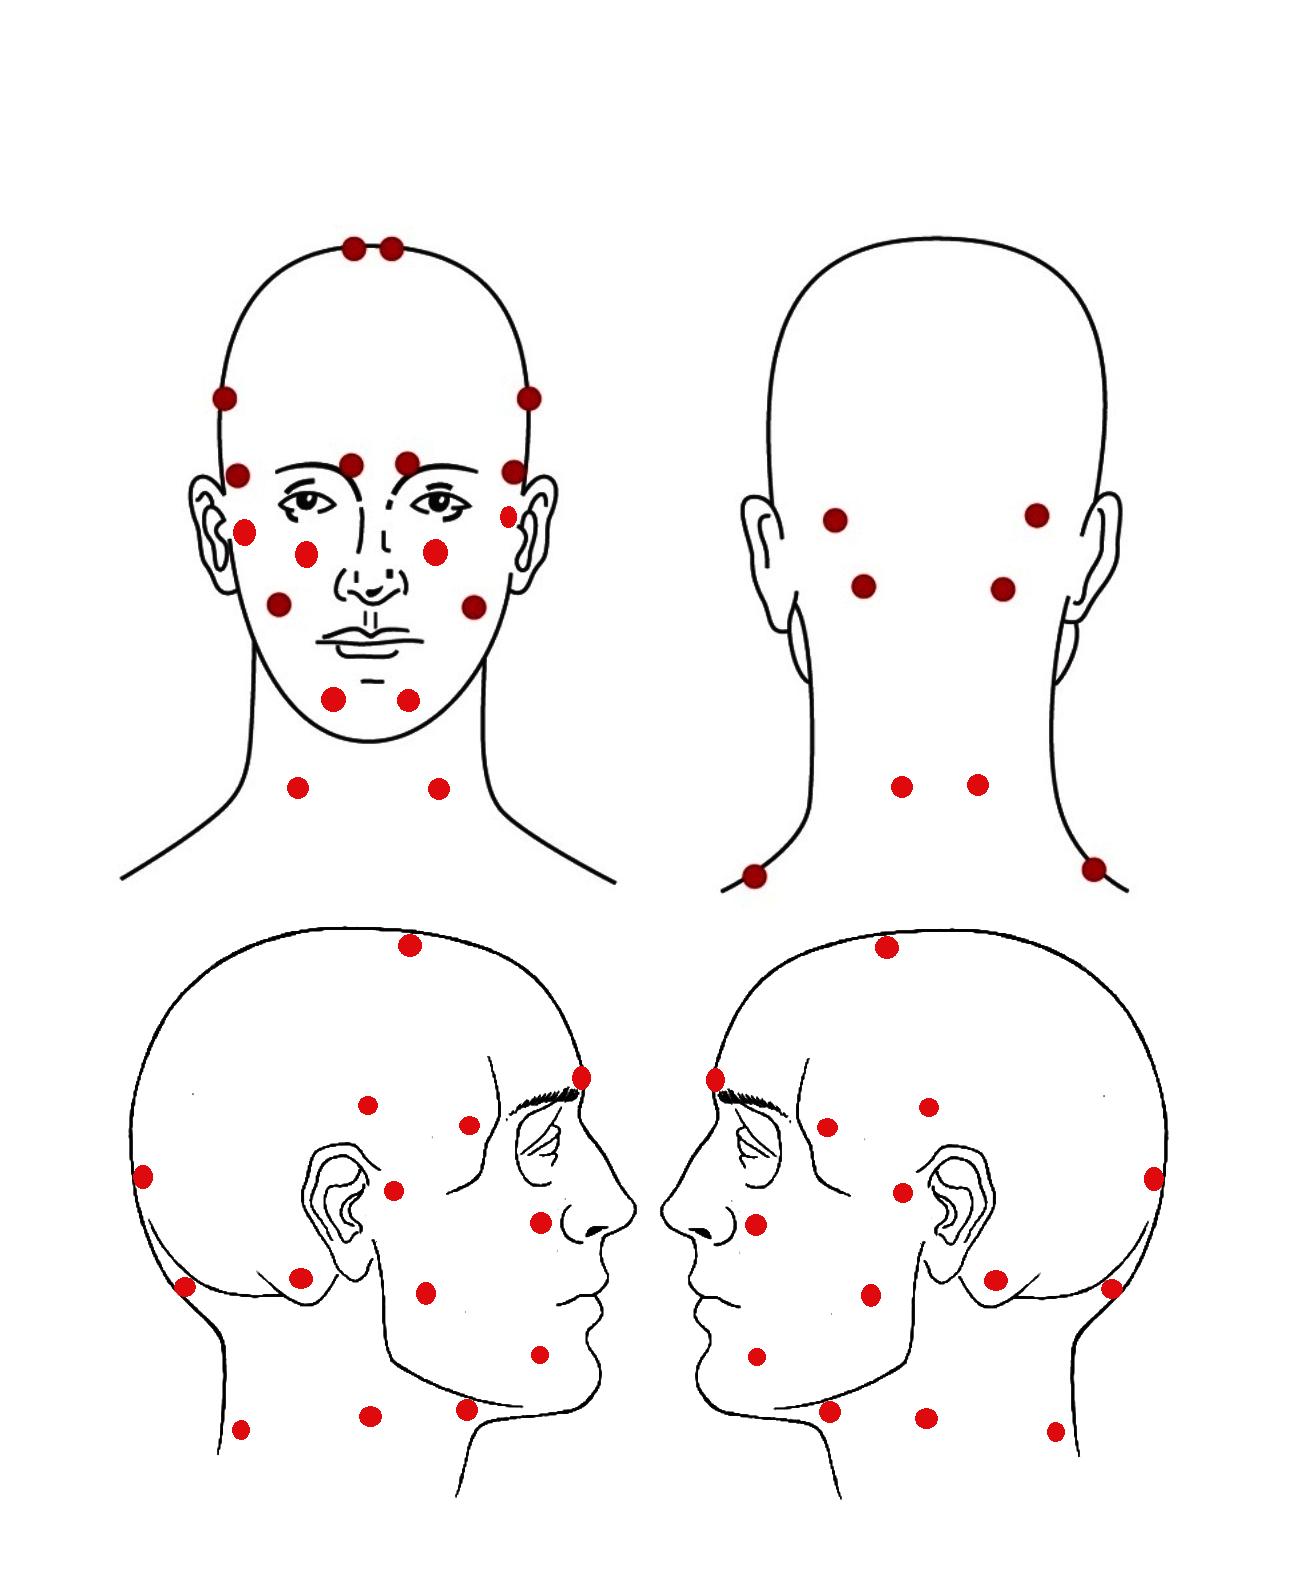 Рис. 3. Коррекция комплекса упражнений в зависимости от локализации болевых ощущений.